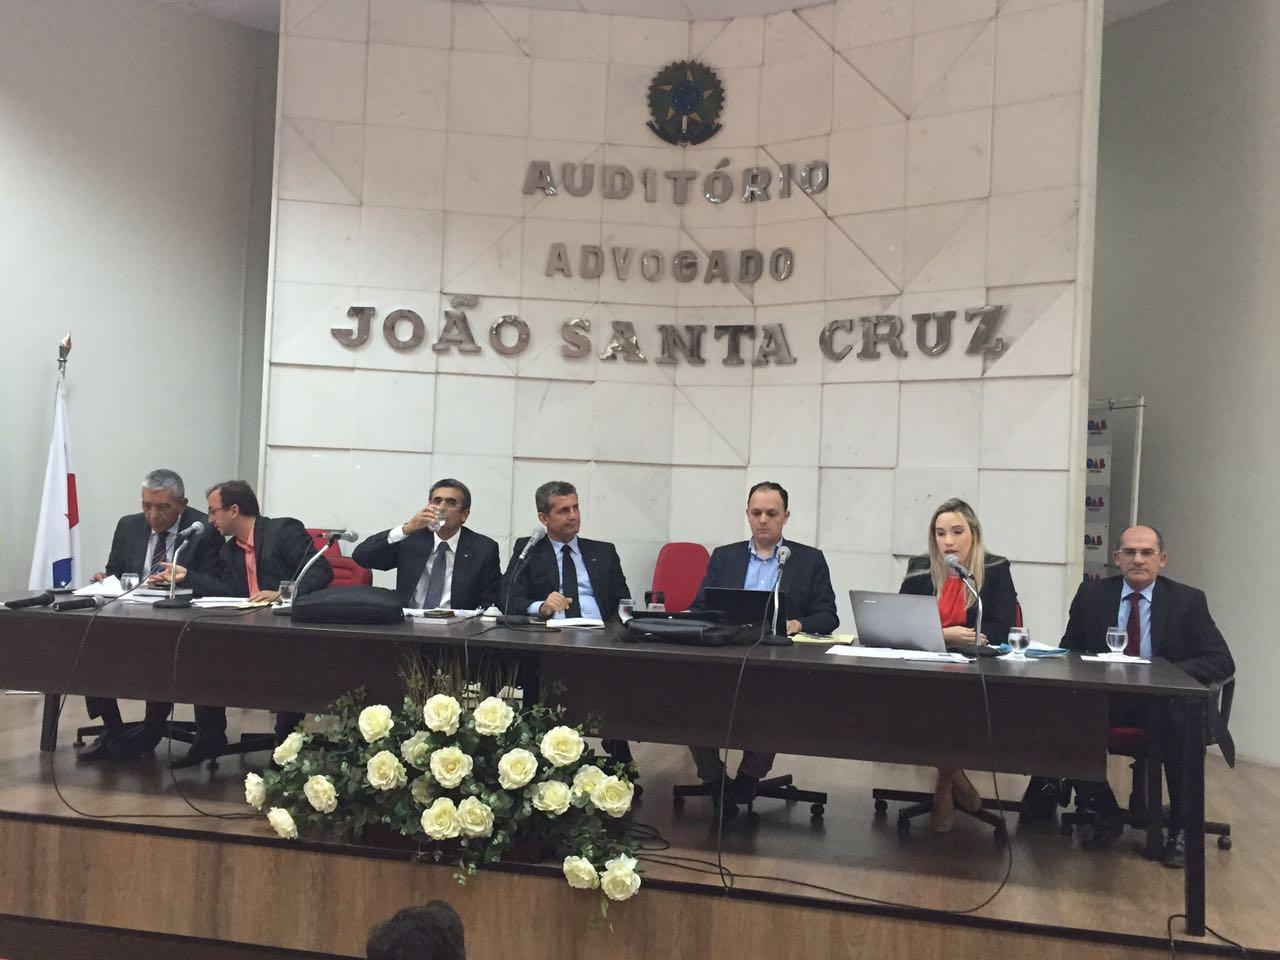 OAB-PB amplia desconto de 50% para anuidade da jovem advocacia e sociedade de advogados